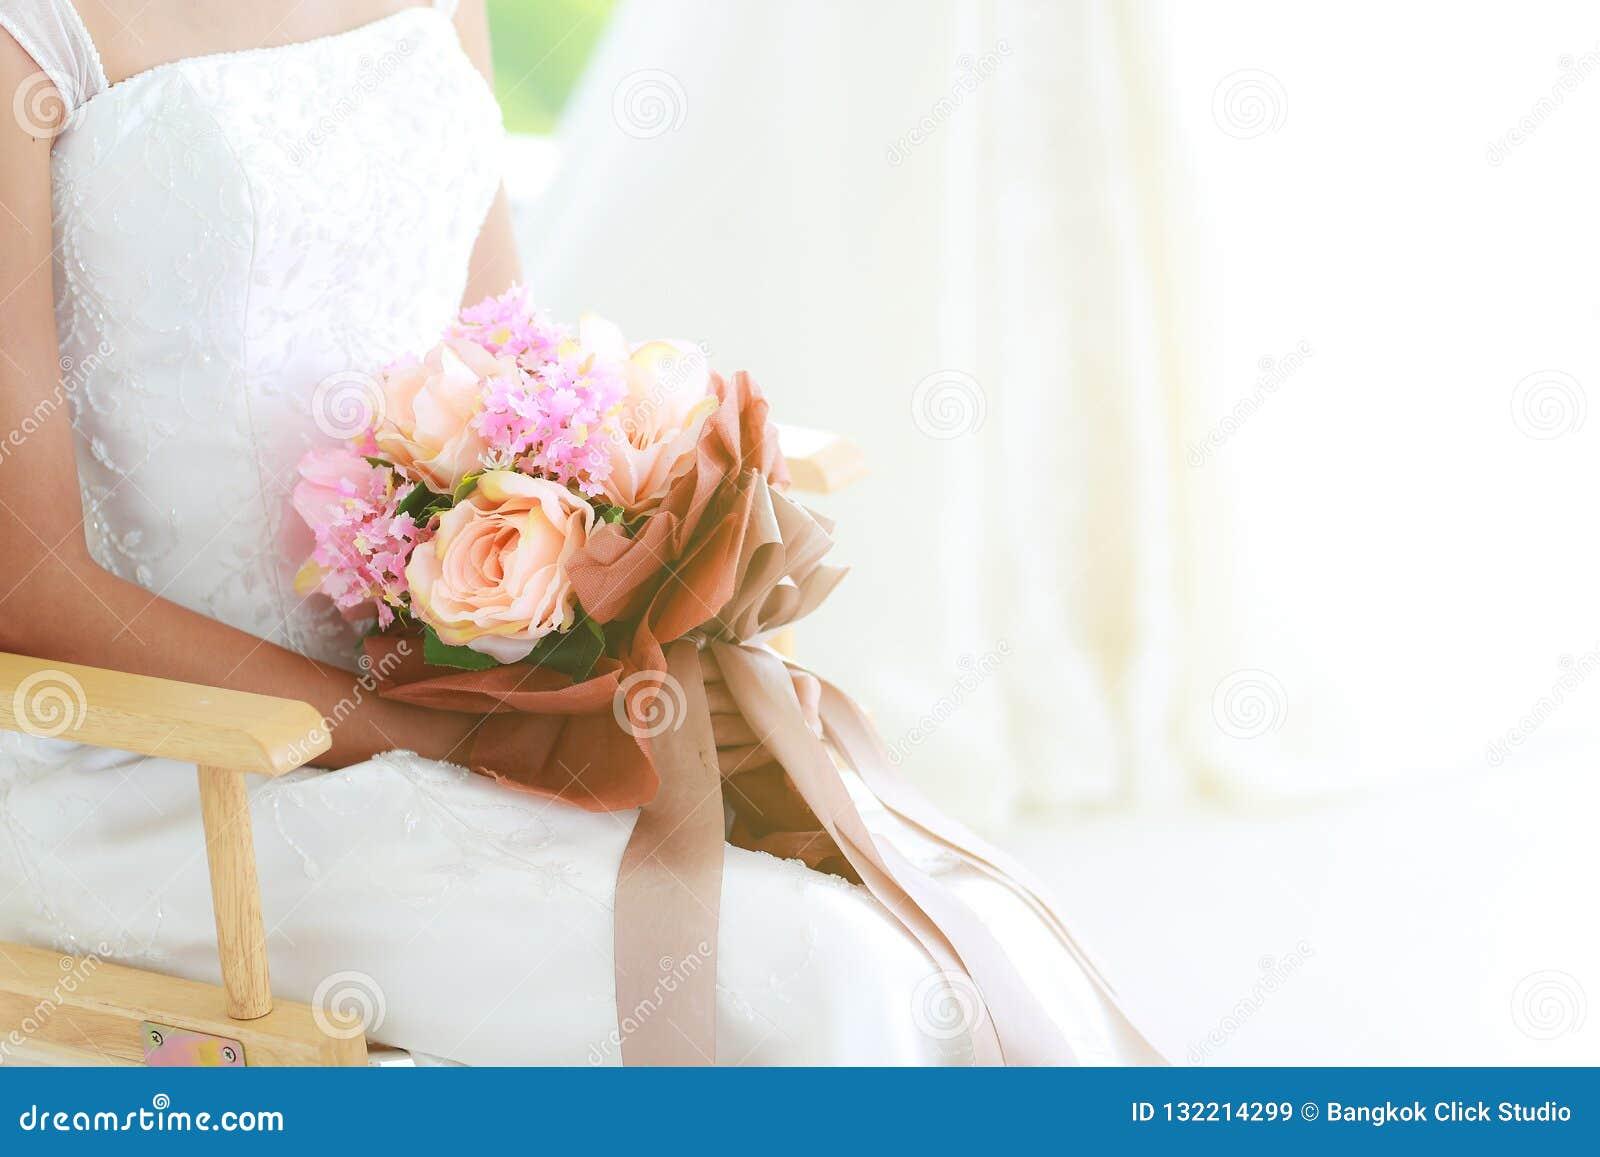 庄稼身体,关闭拿着美丽的花束的新娘坐o